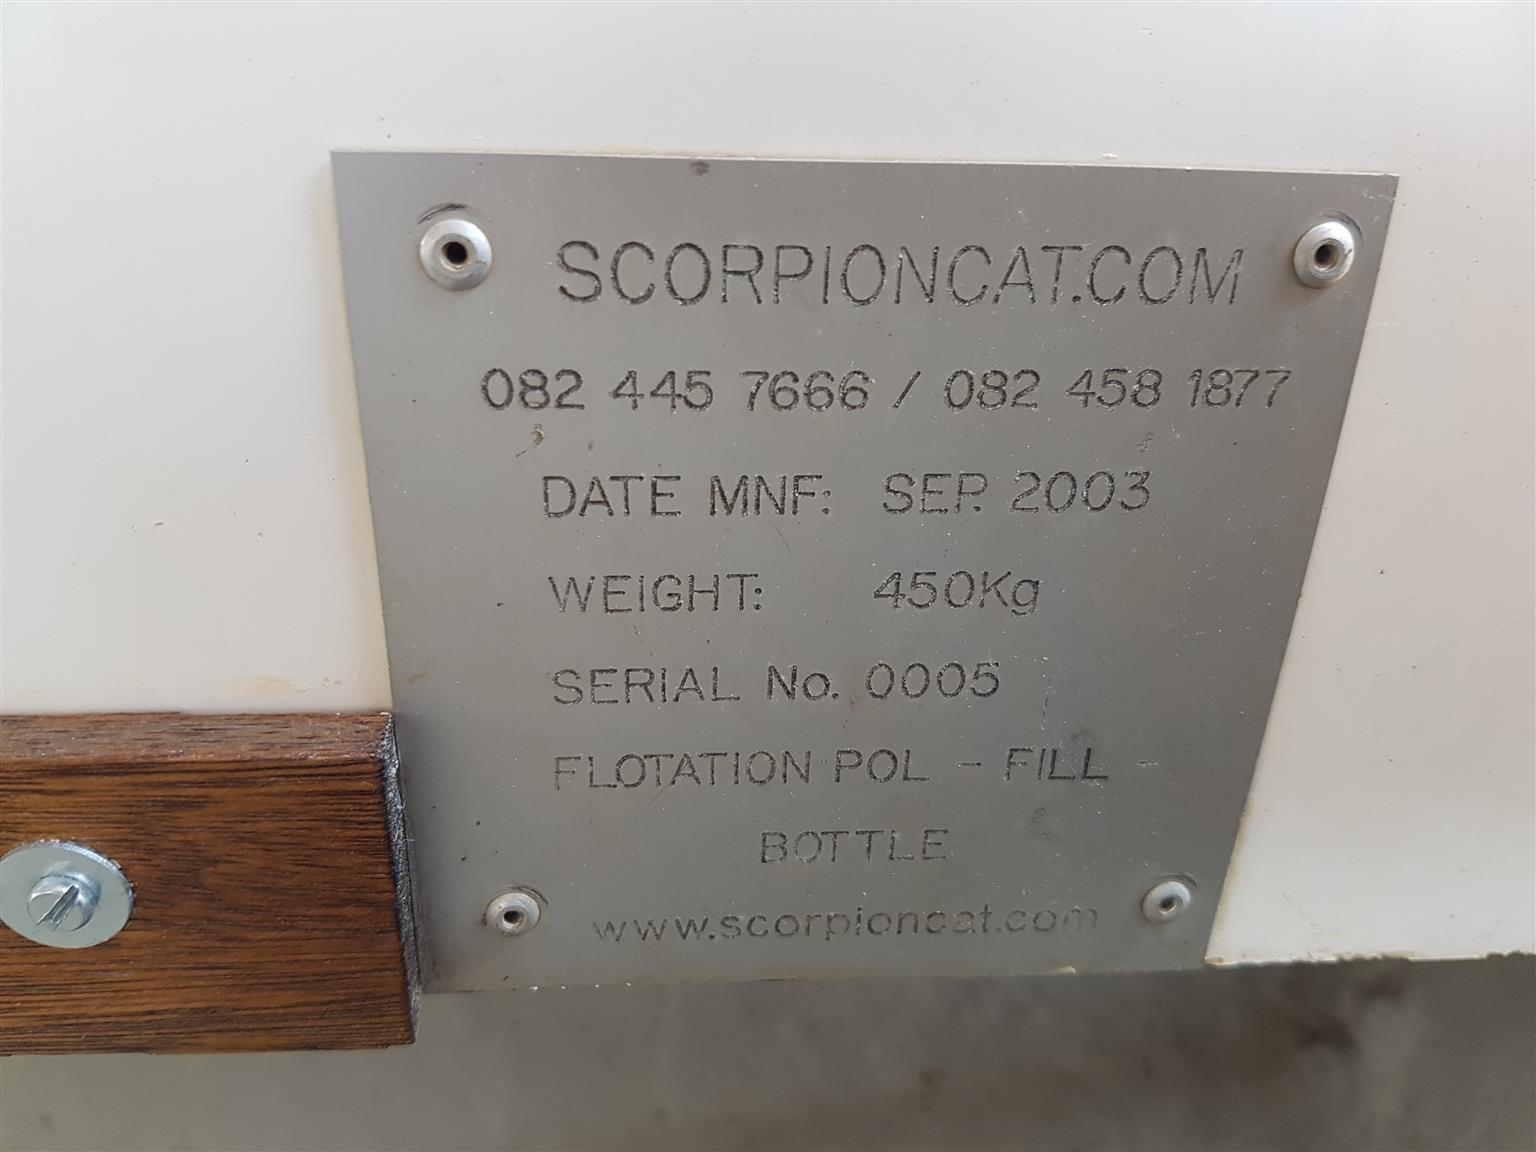 Scorpion Cat